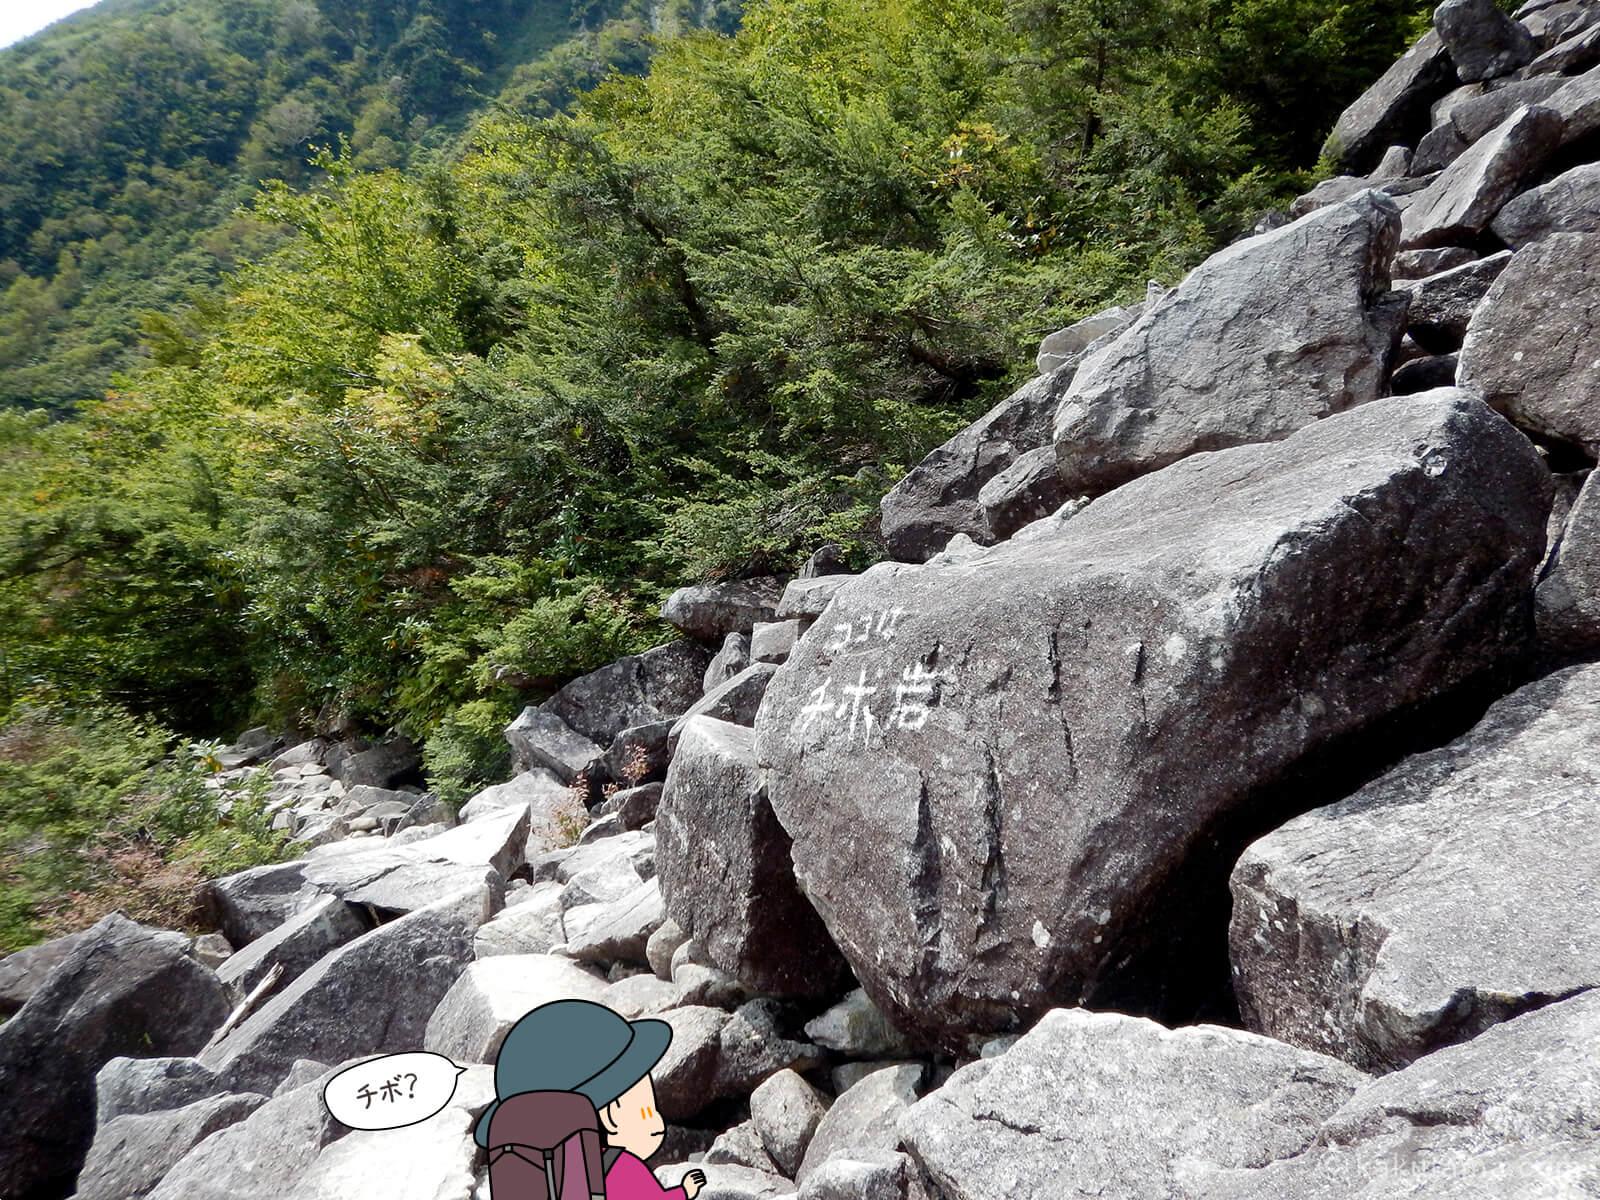 チボ岩前を通過